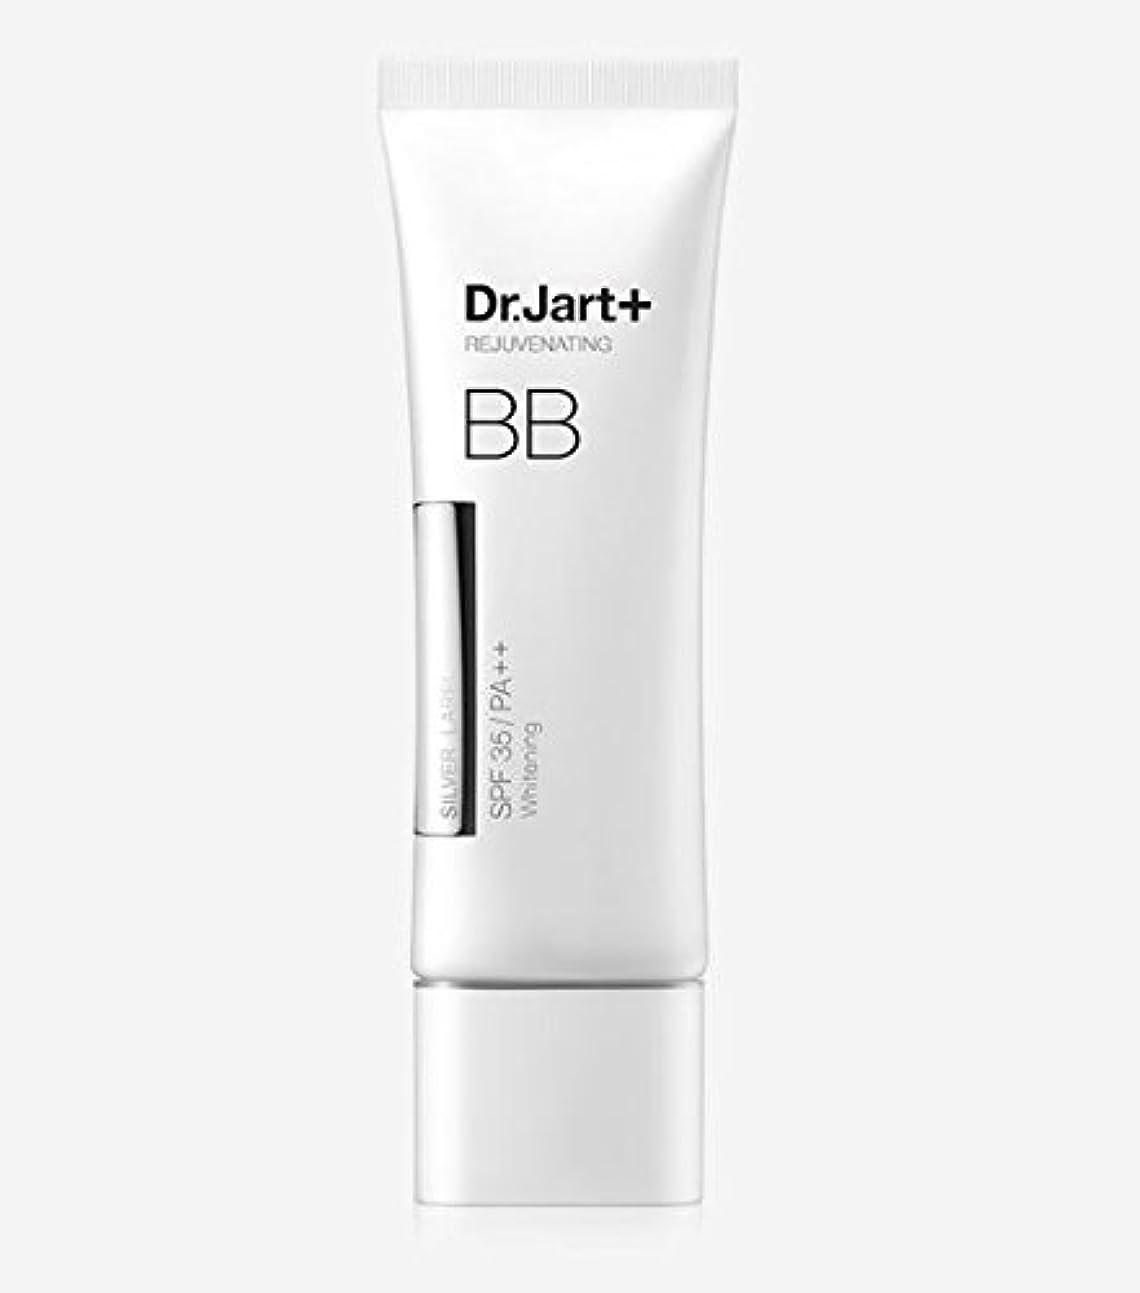 抵当信頼スリップ[Dr. Jart] Silver Label BB Rejuvenating Beauty Balm 50ml SPF35 PA++/[ドクタージャルト] シルバーラベル BB リジュビネイティング ビューティー バーム 50ml SPF35 PA++ [並行輸入品]